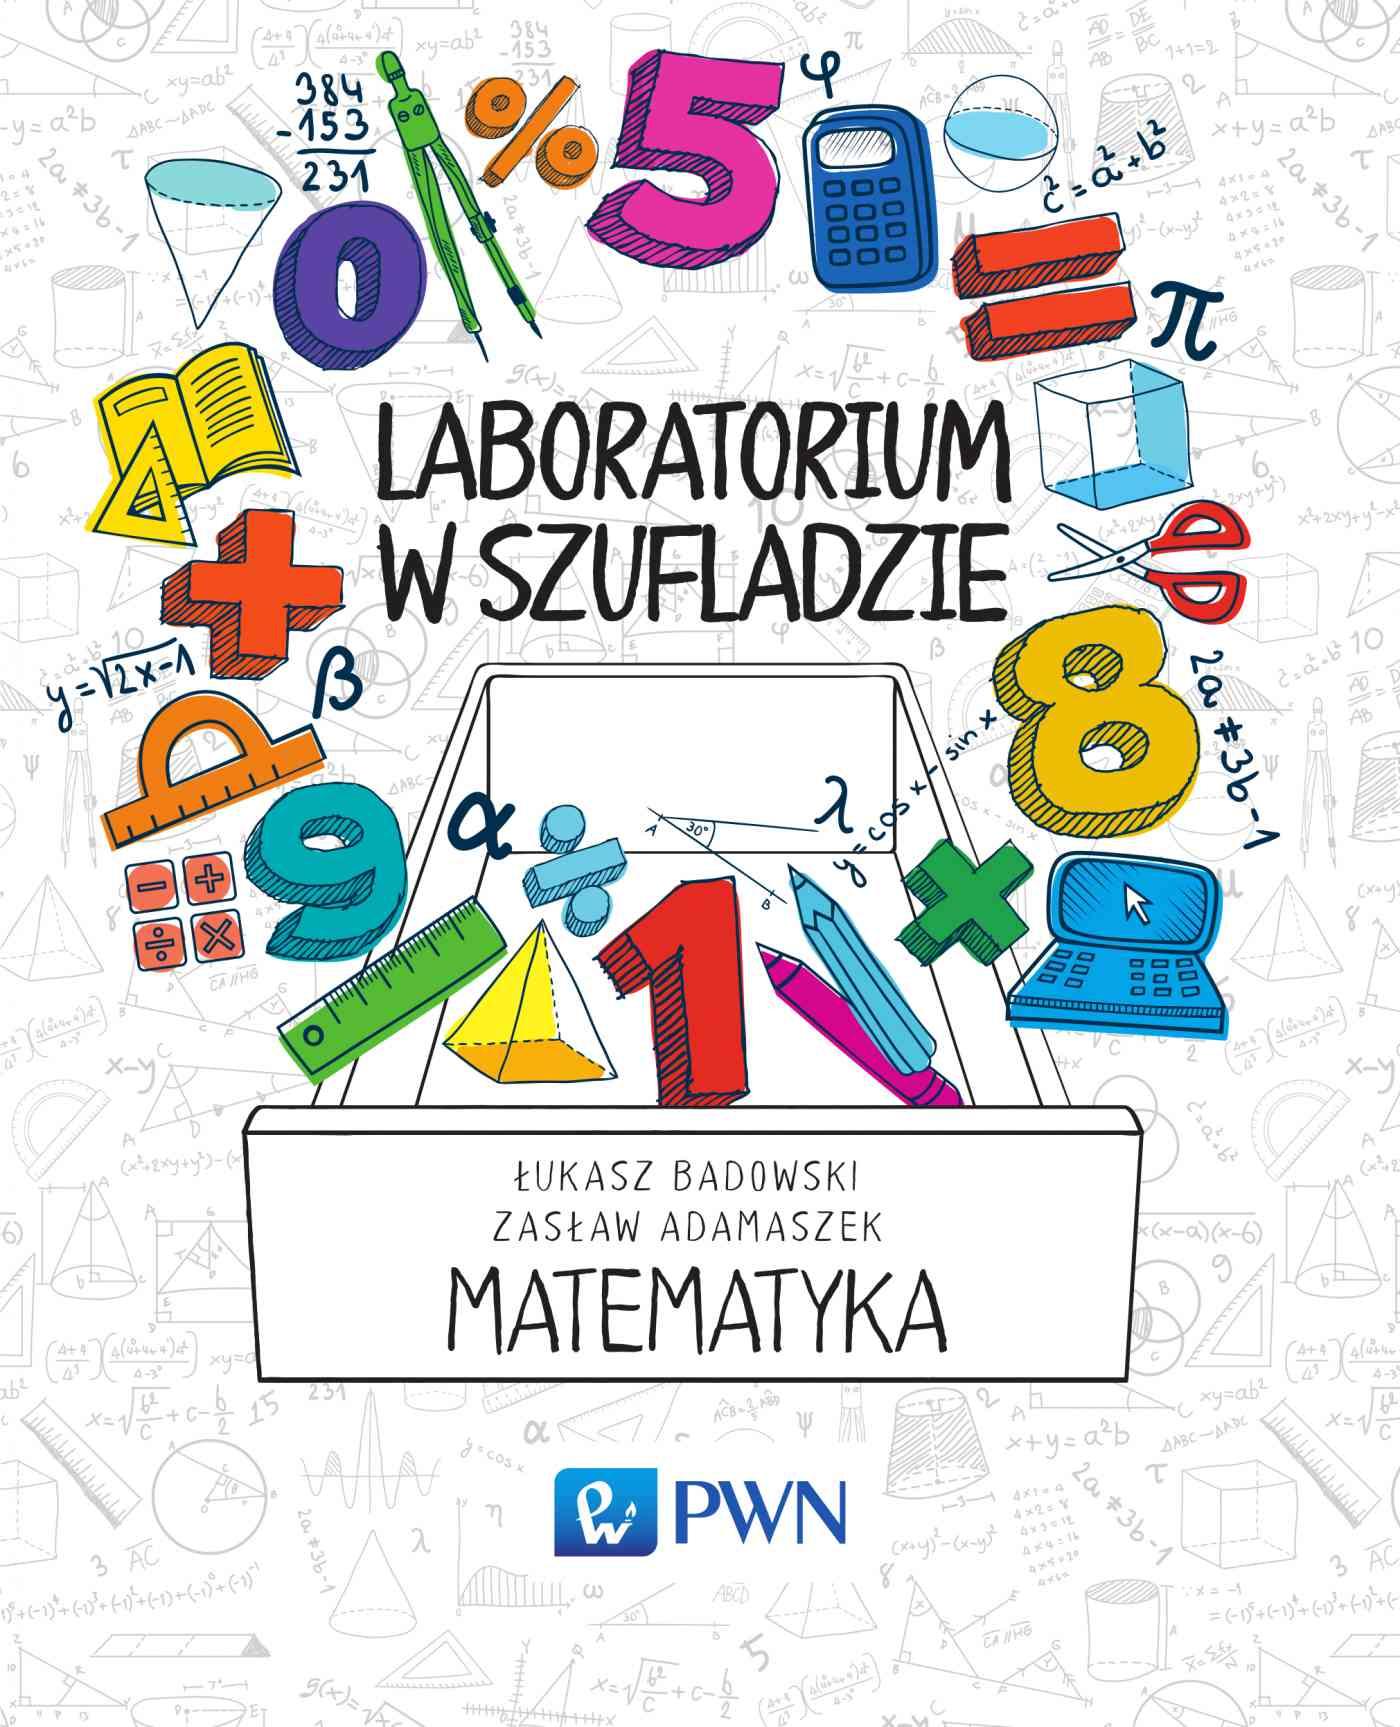 Laboratorium w szufladzie. Matematyka - Ebook (Książka EPUB) do pobrania w formacie EPUB